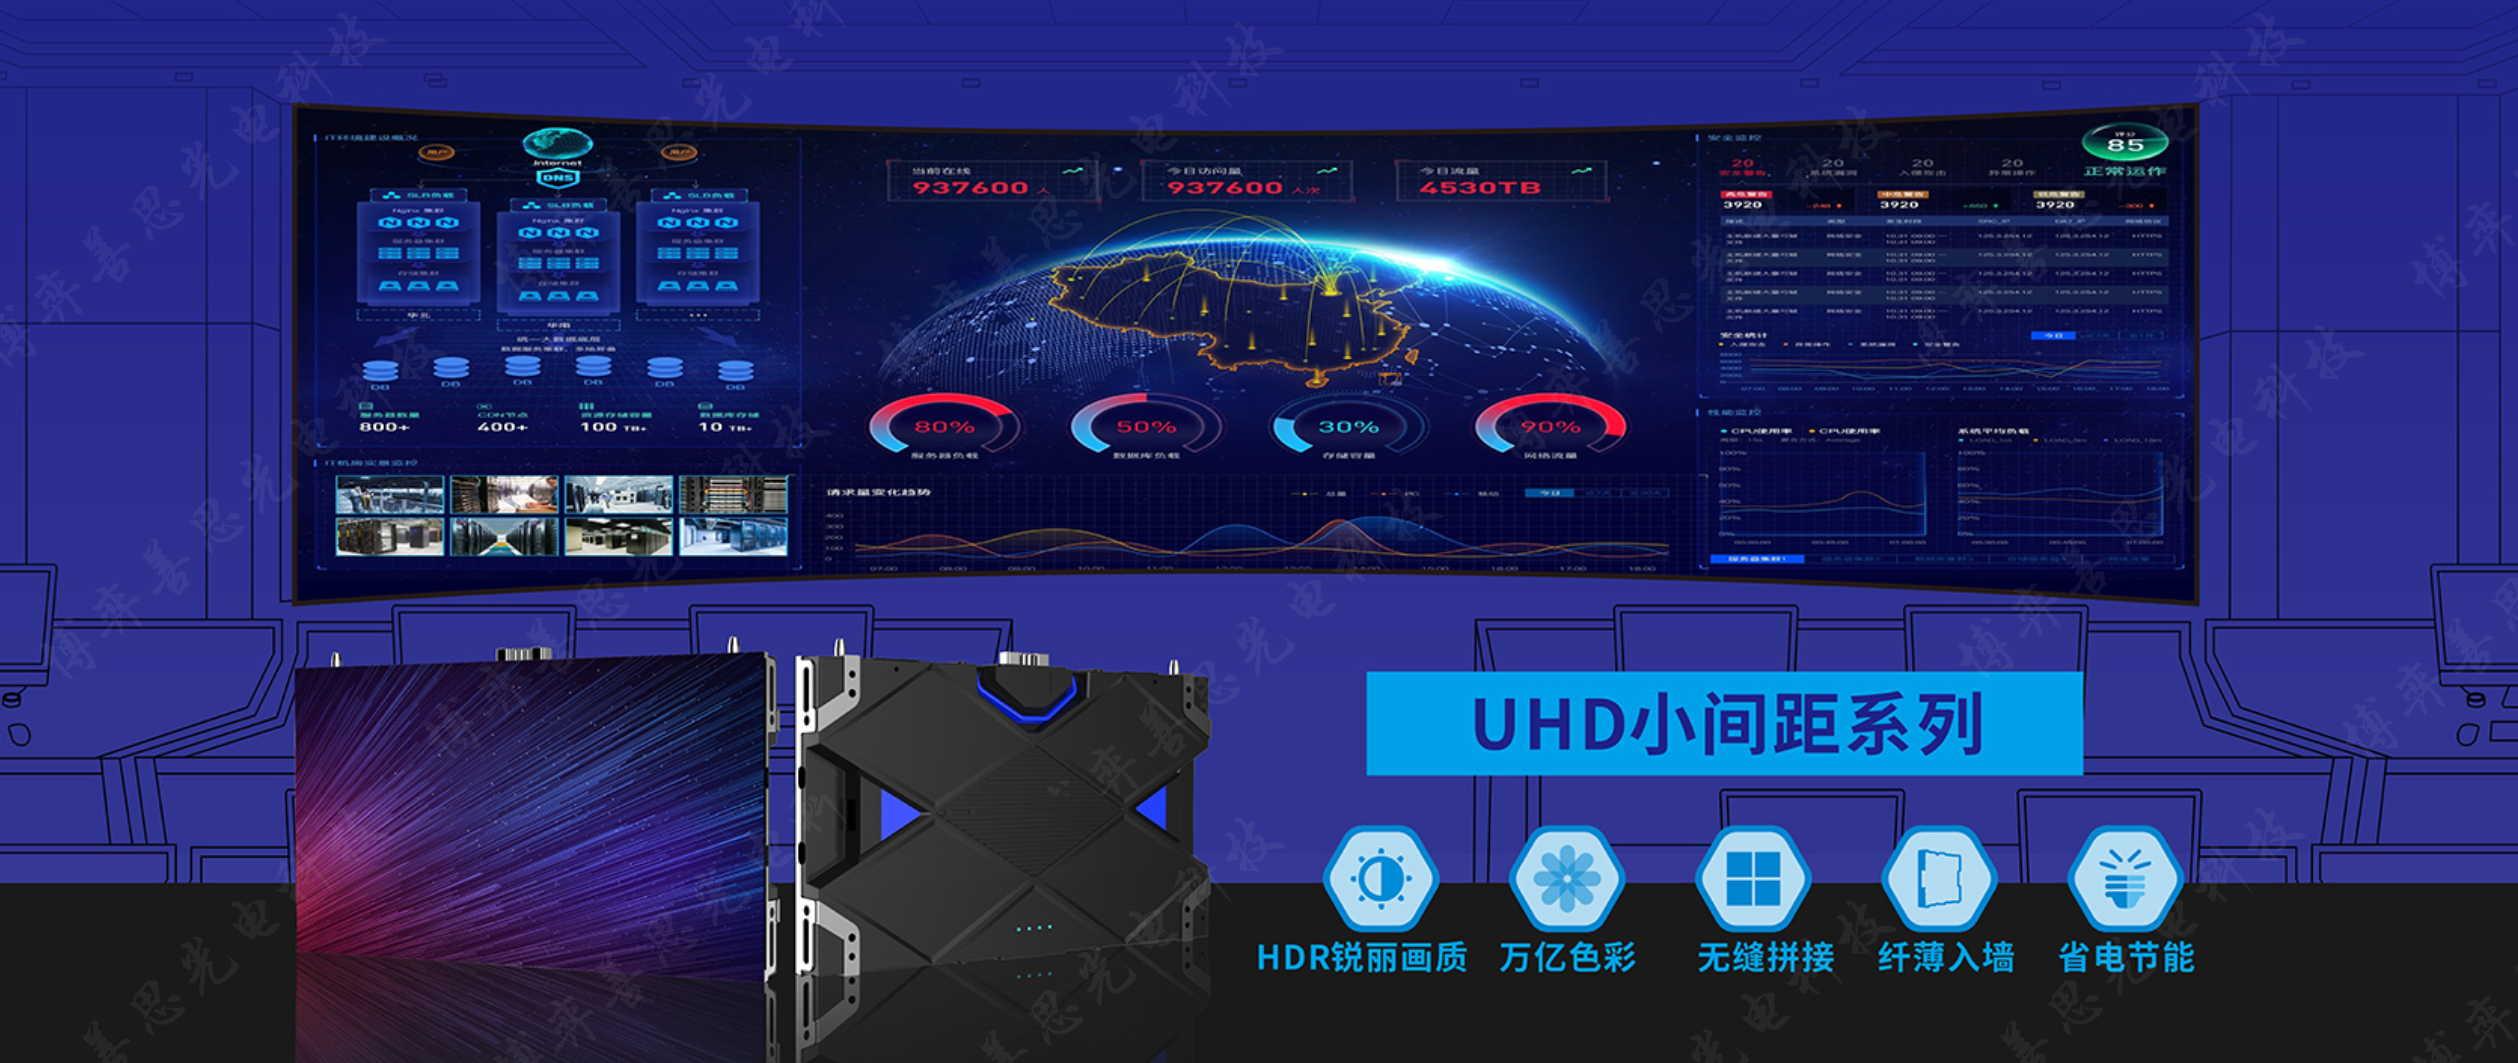 四川led显示屏厂家